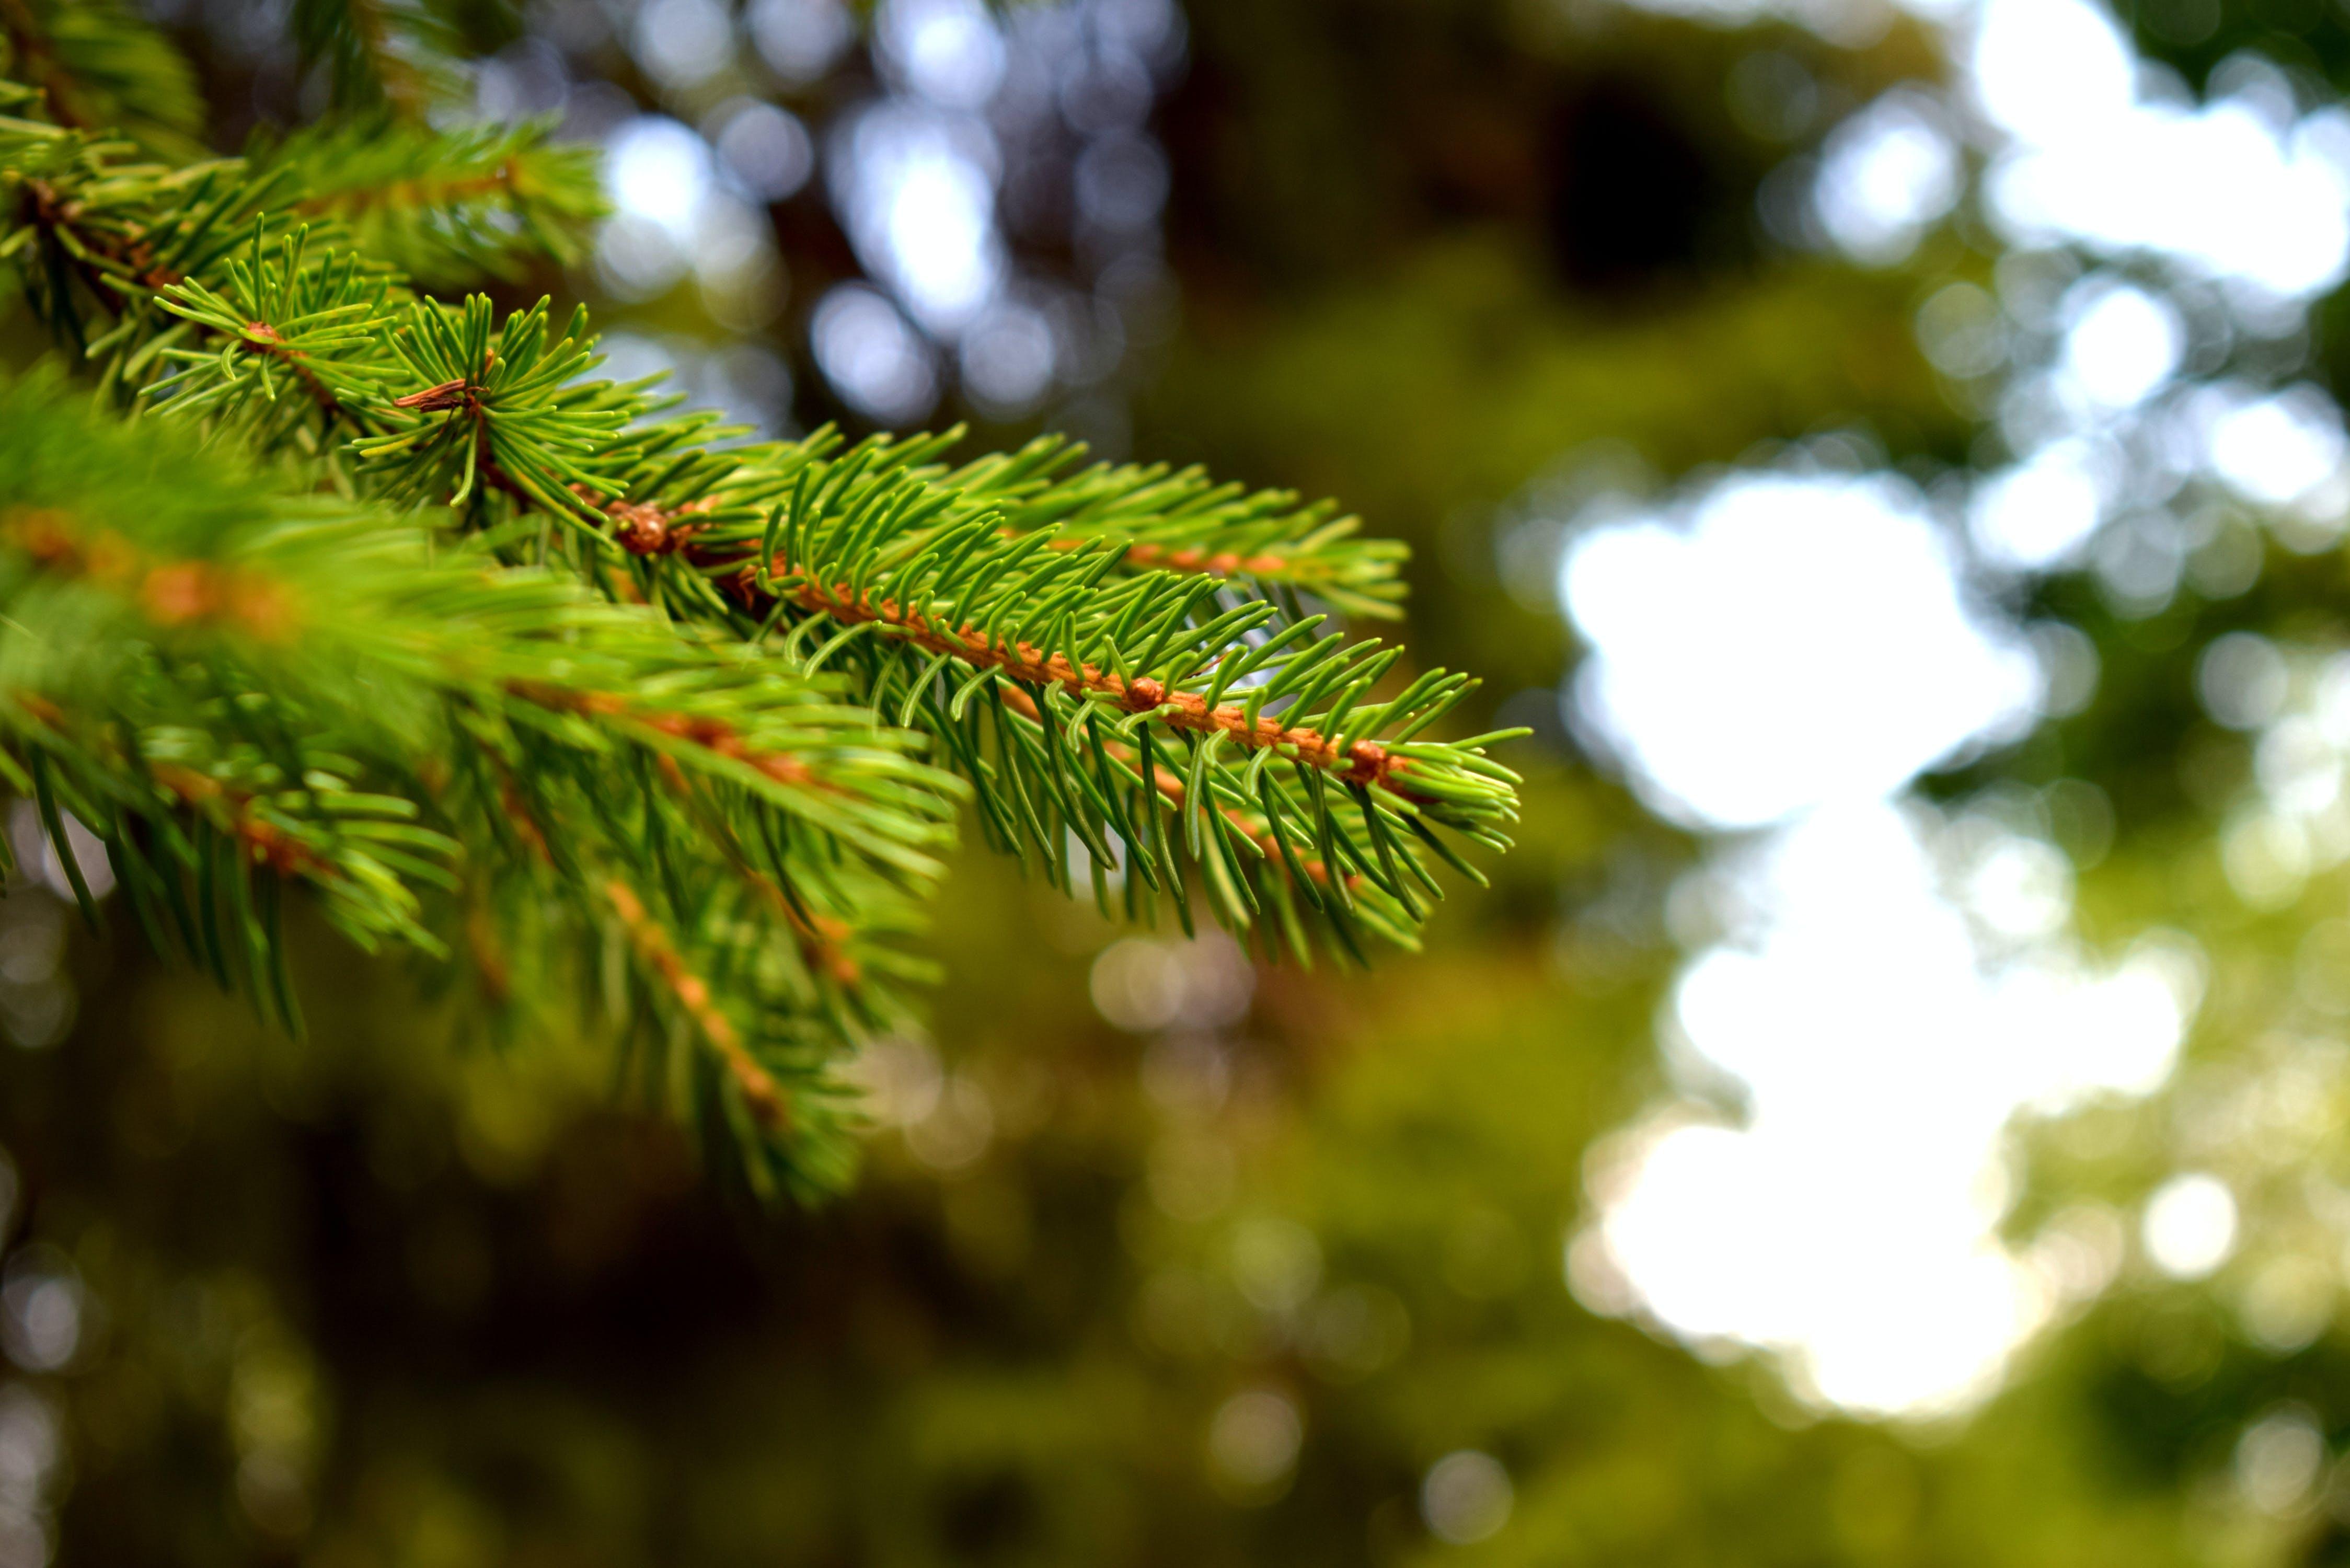 alan derinliği, bulanıklık, çam ağacı, çevre içeren Ücretsiz stok fotoğraf